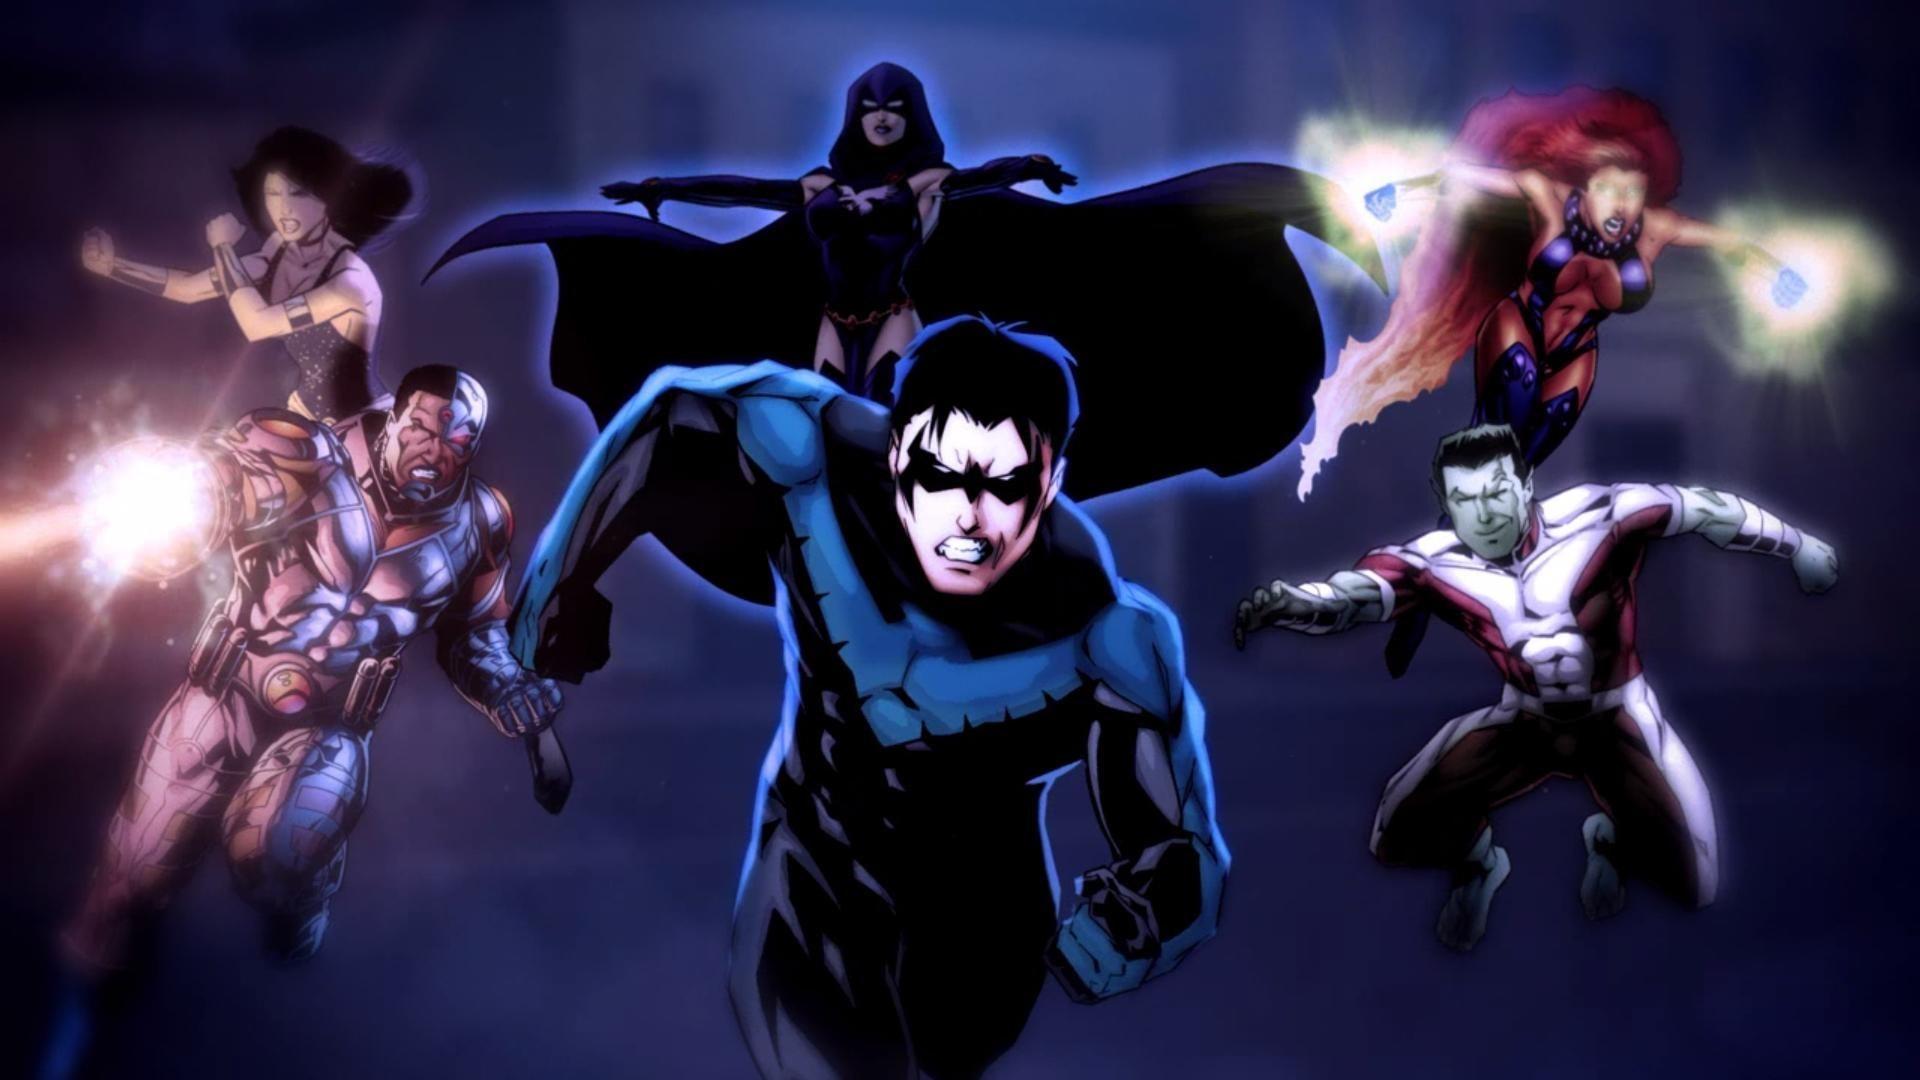 Teen Titans Wallpaper (80+ images)